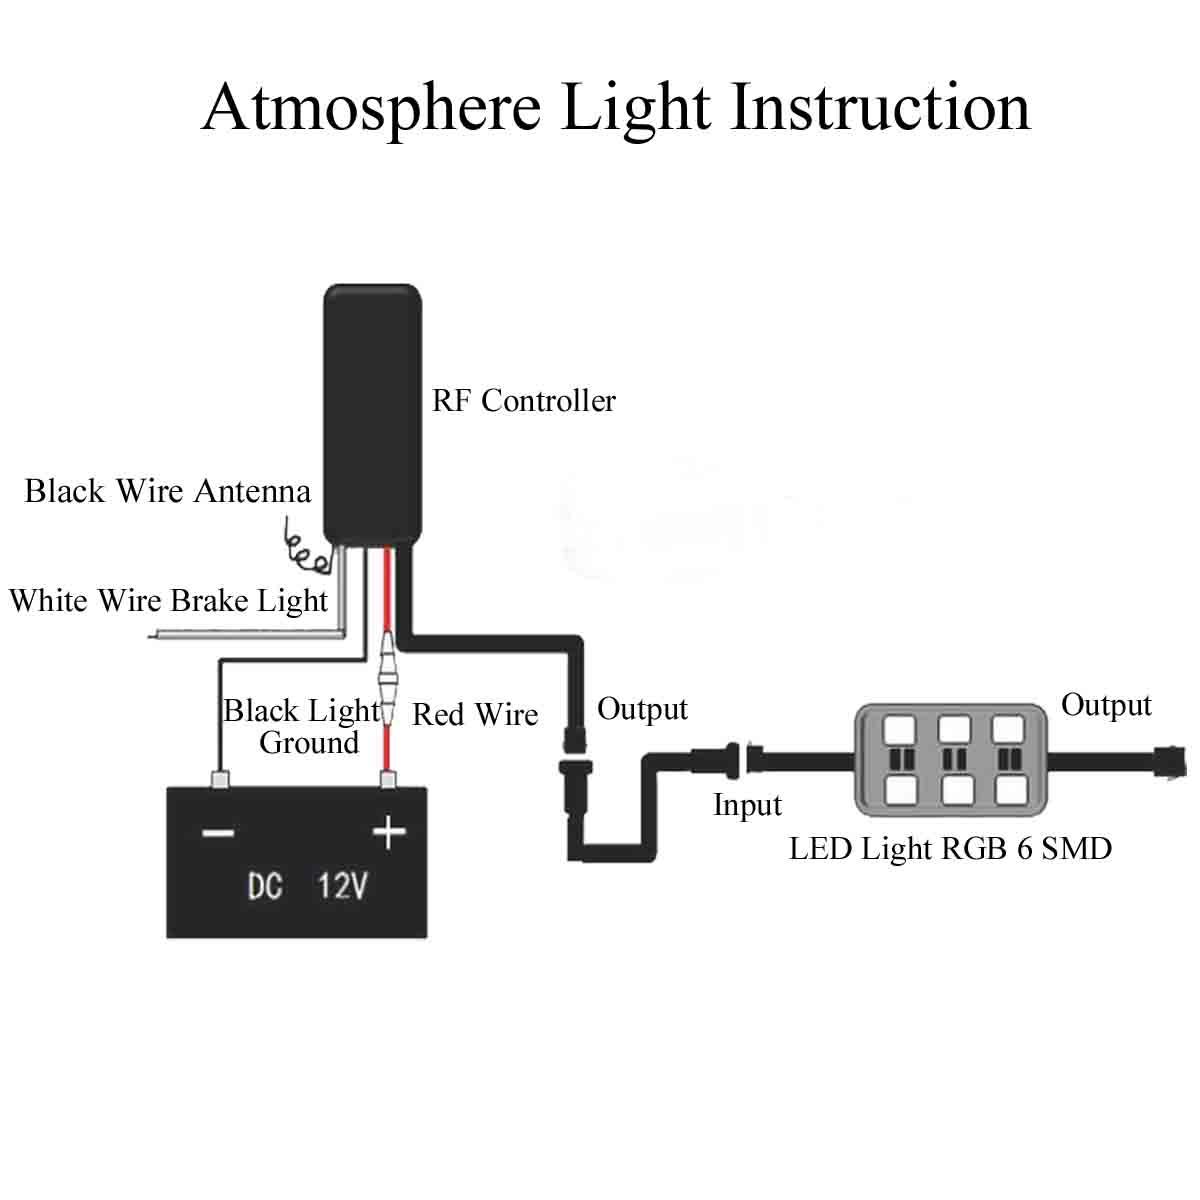 Rgb Atmosphere Lamps Wiring Diagram